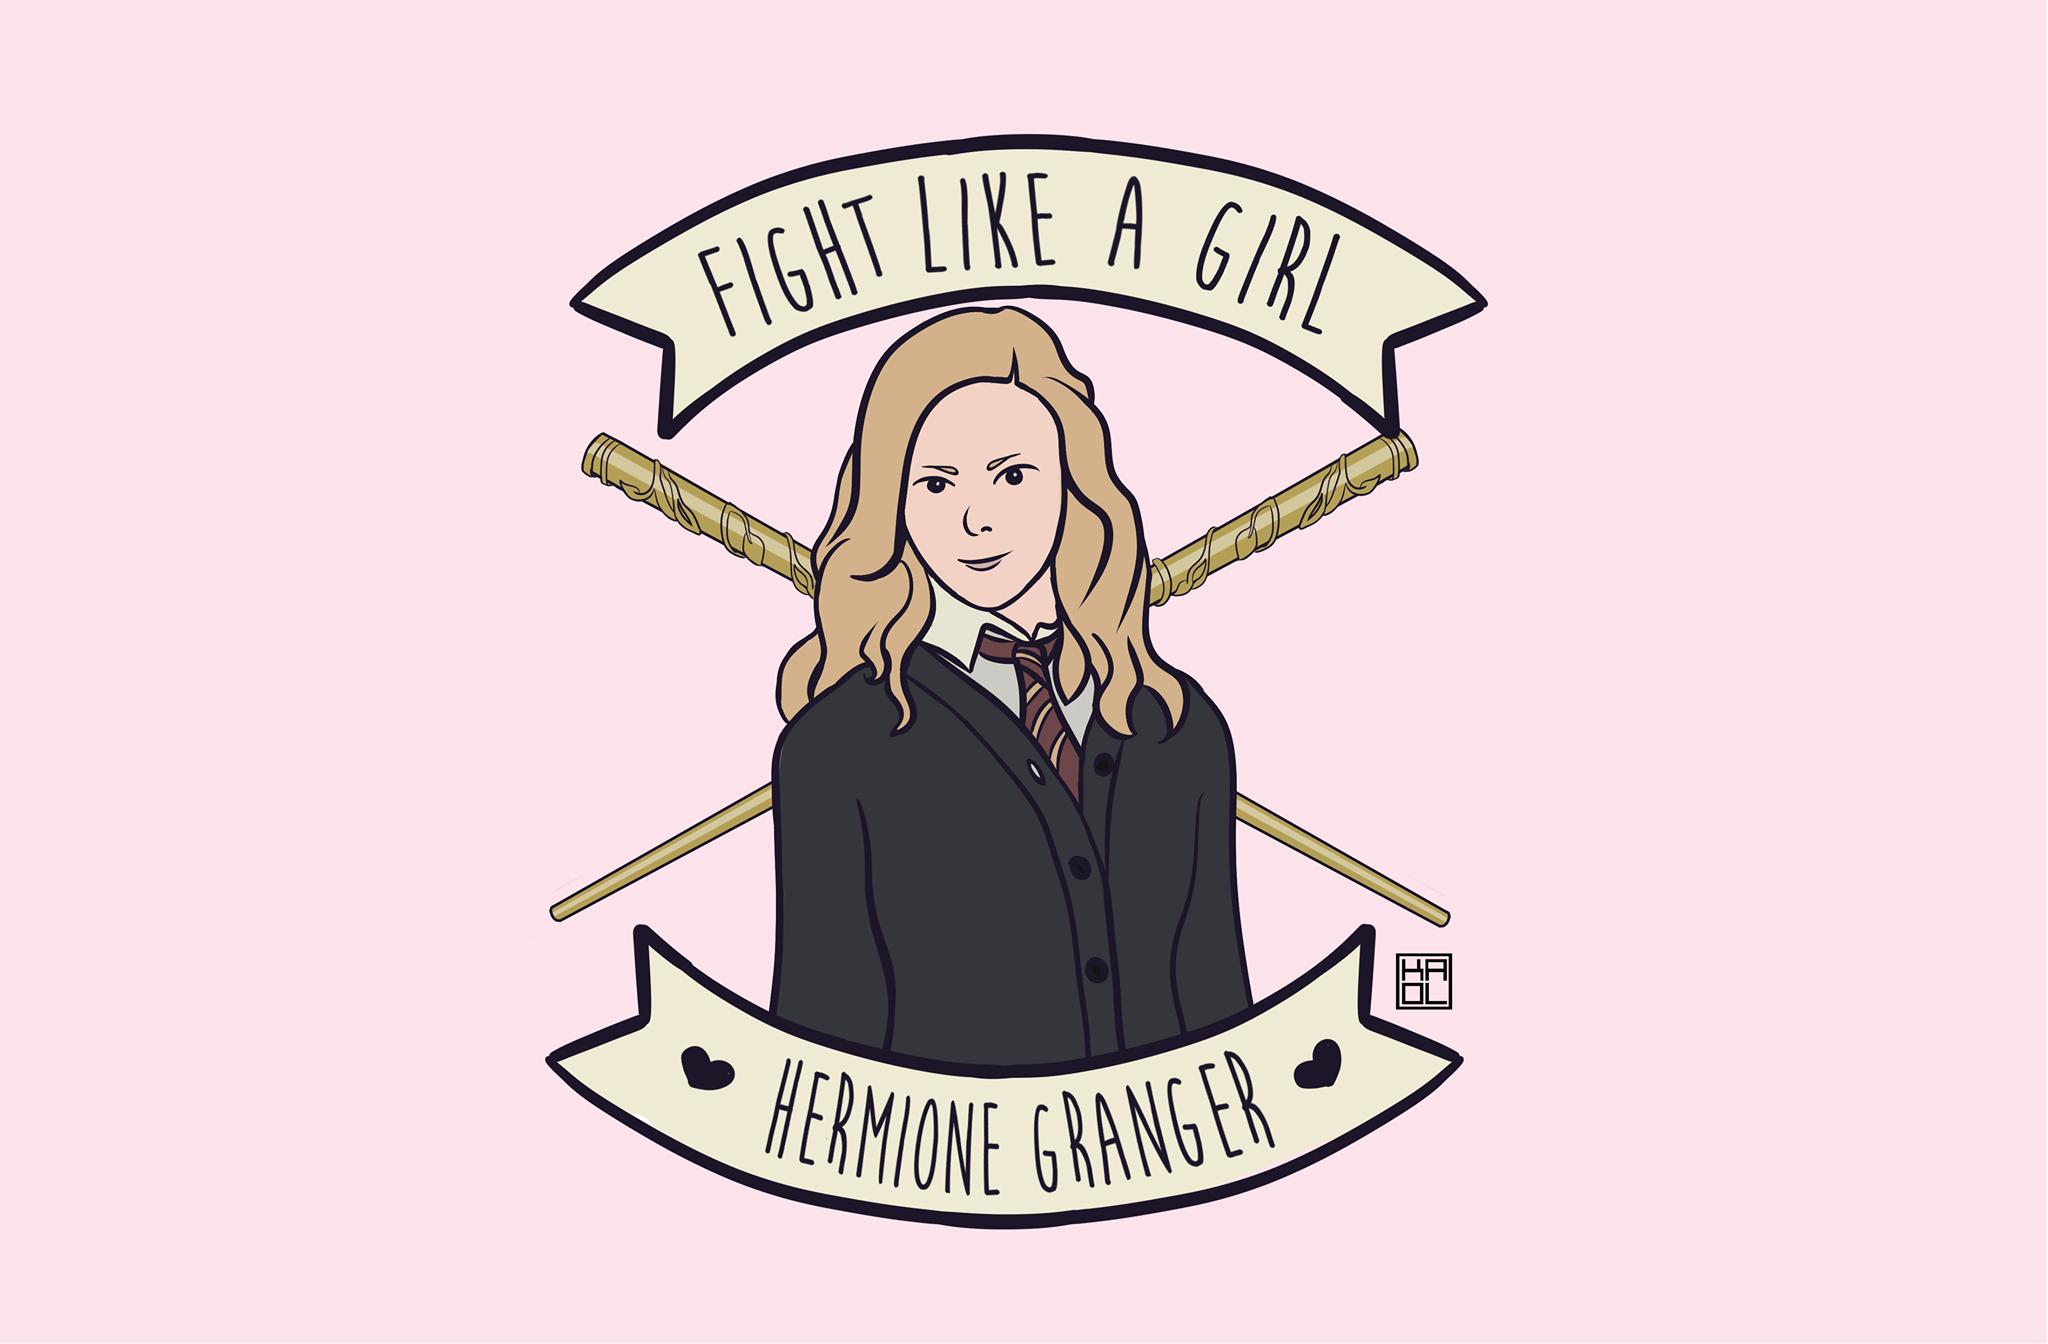 Fight Like A Girl Hermione, Hay una lesbiana en mi sopa